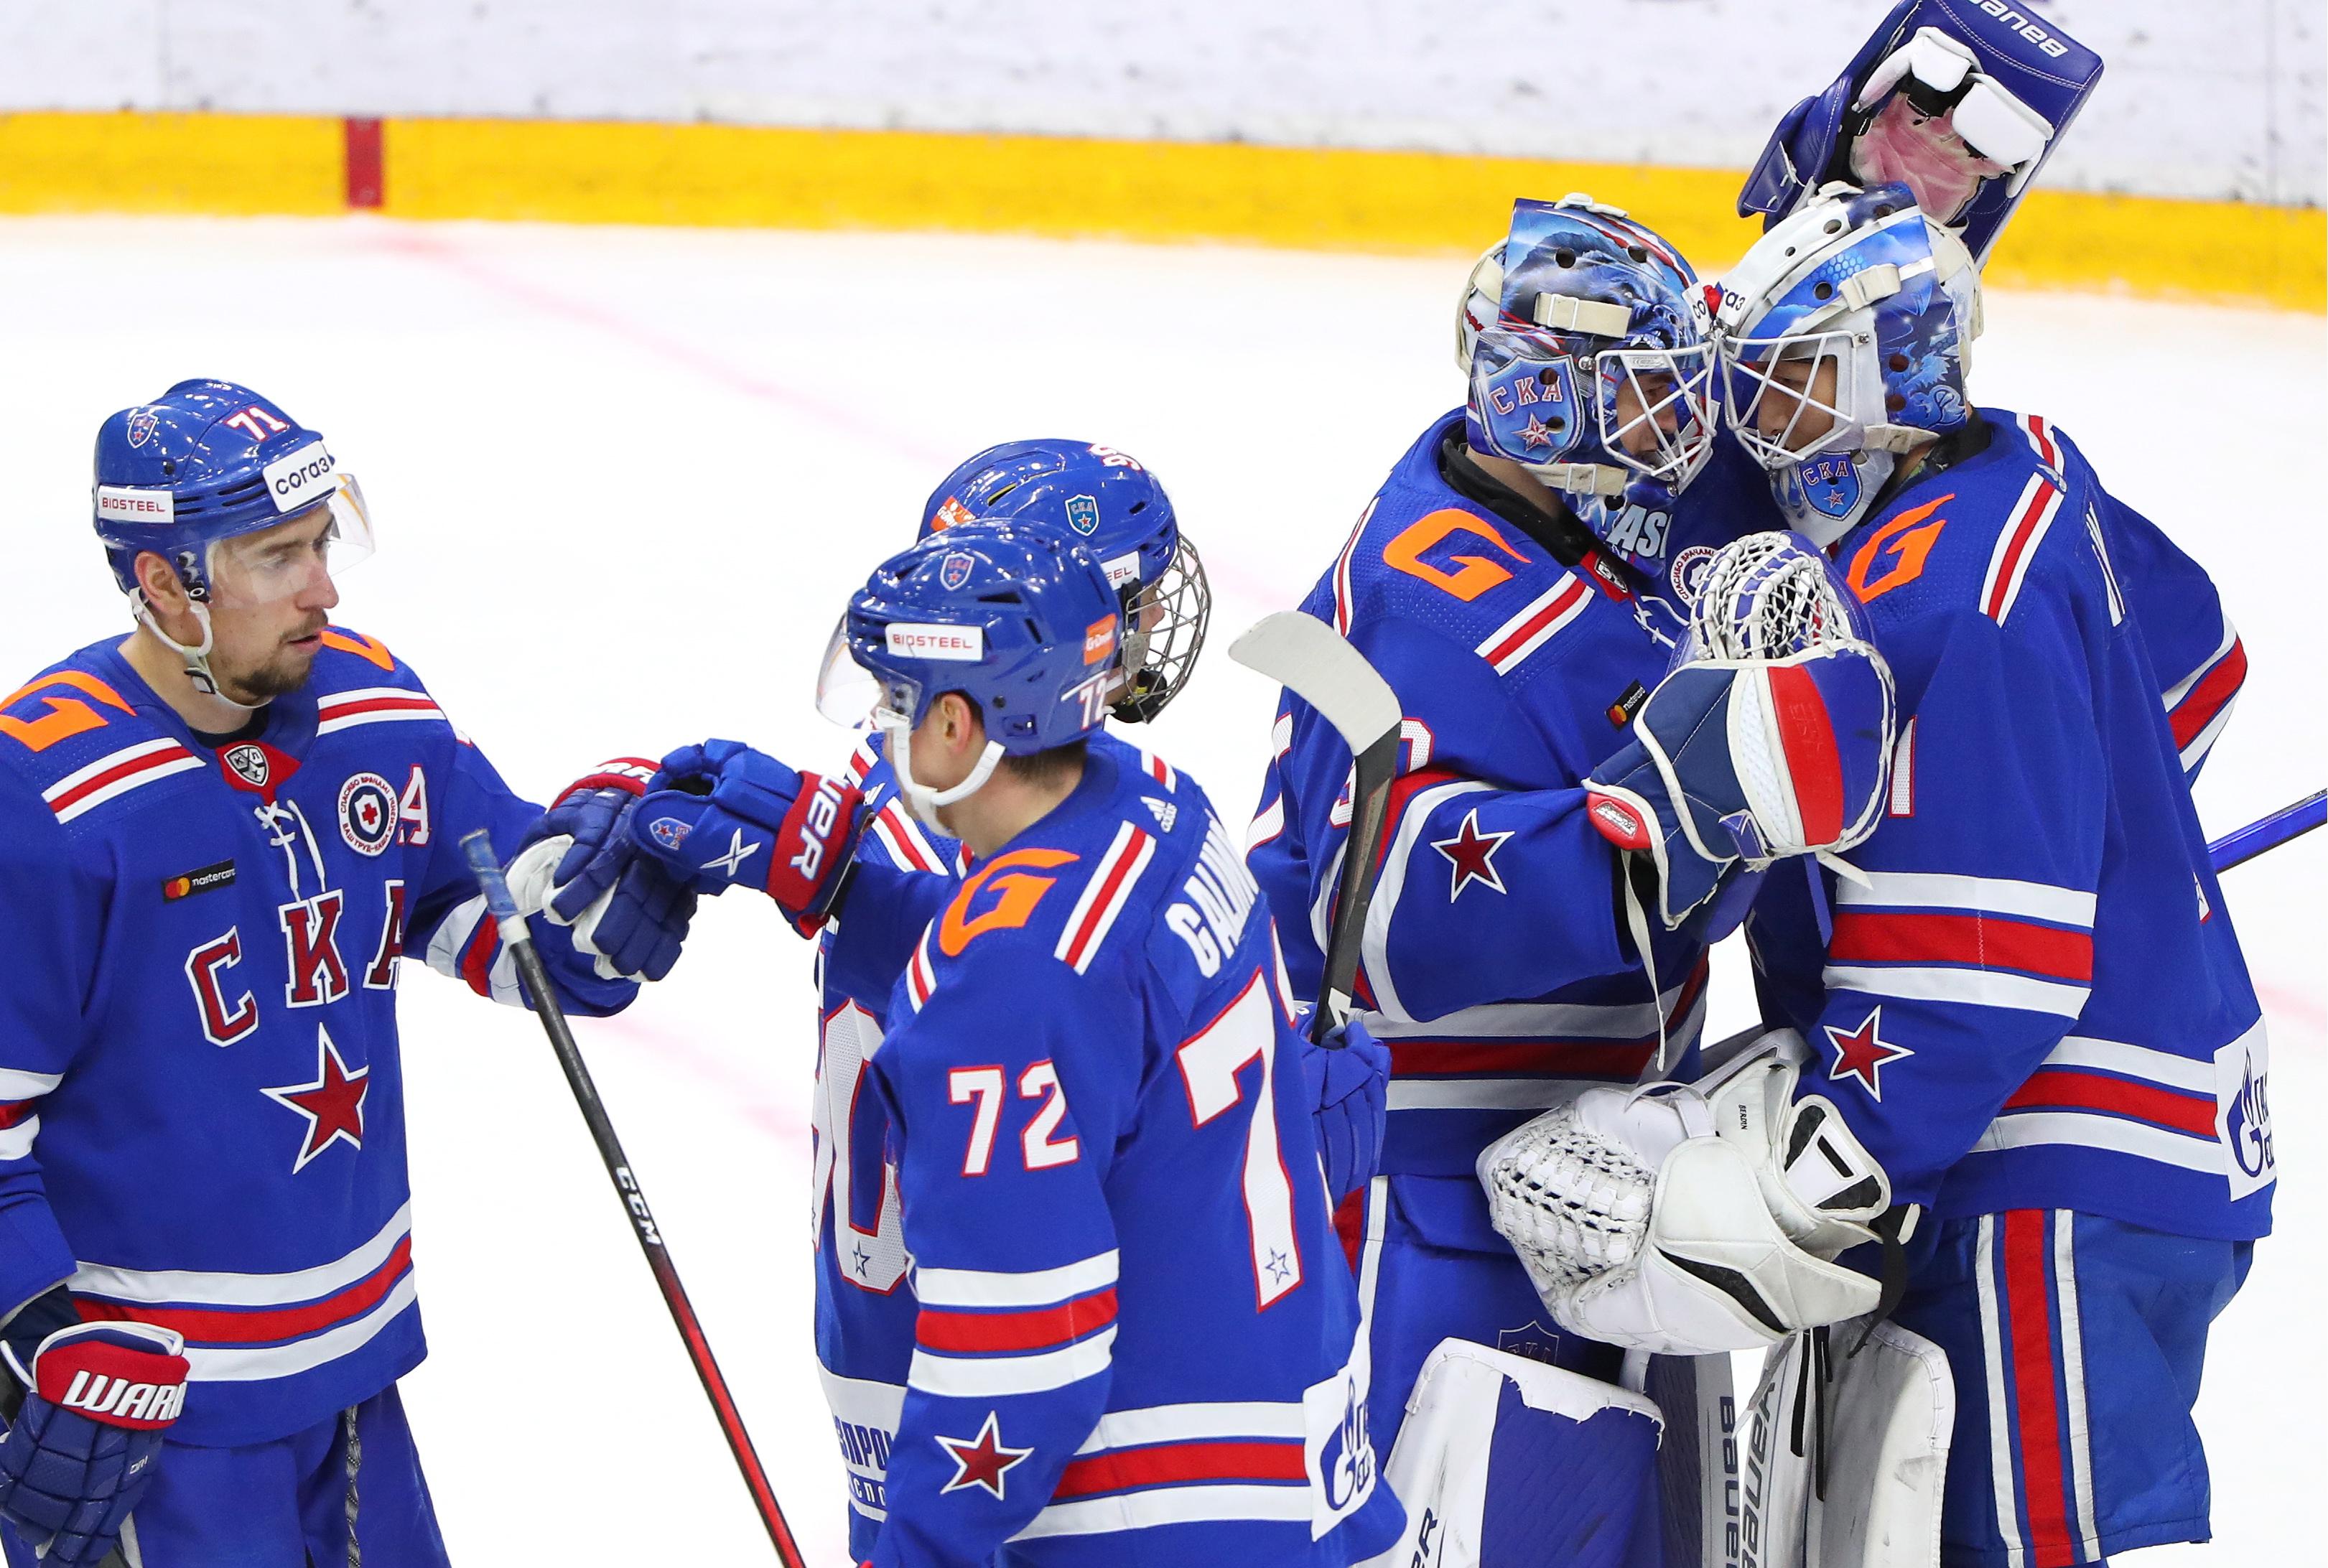 2020/2021 Kontinental Hockey League: SKA St Petersburg 5 - 2 Avangard Omsk